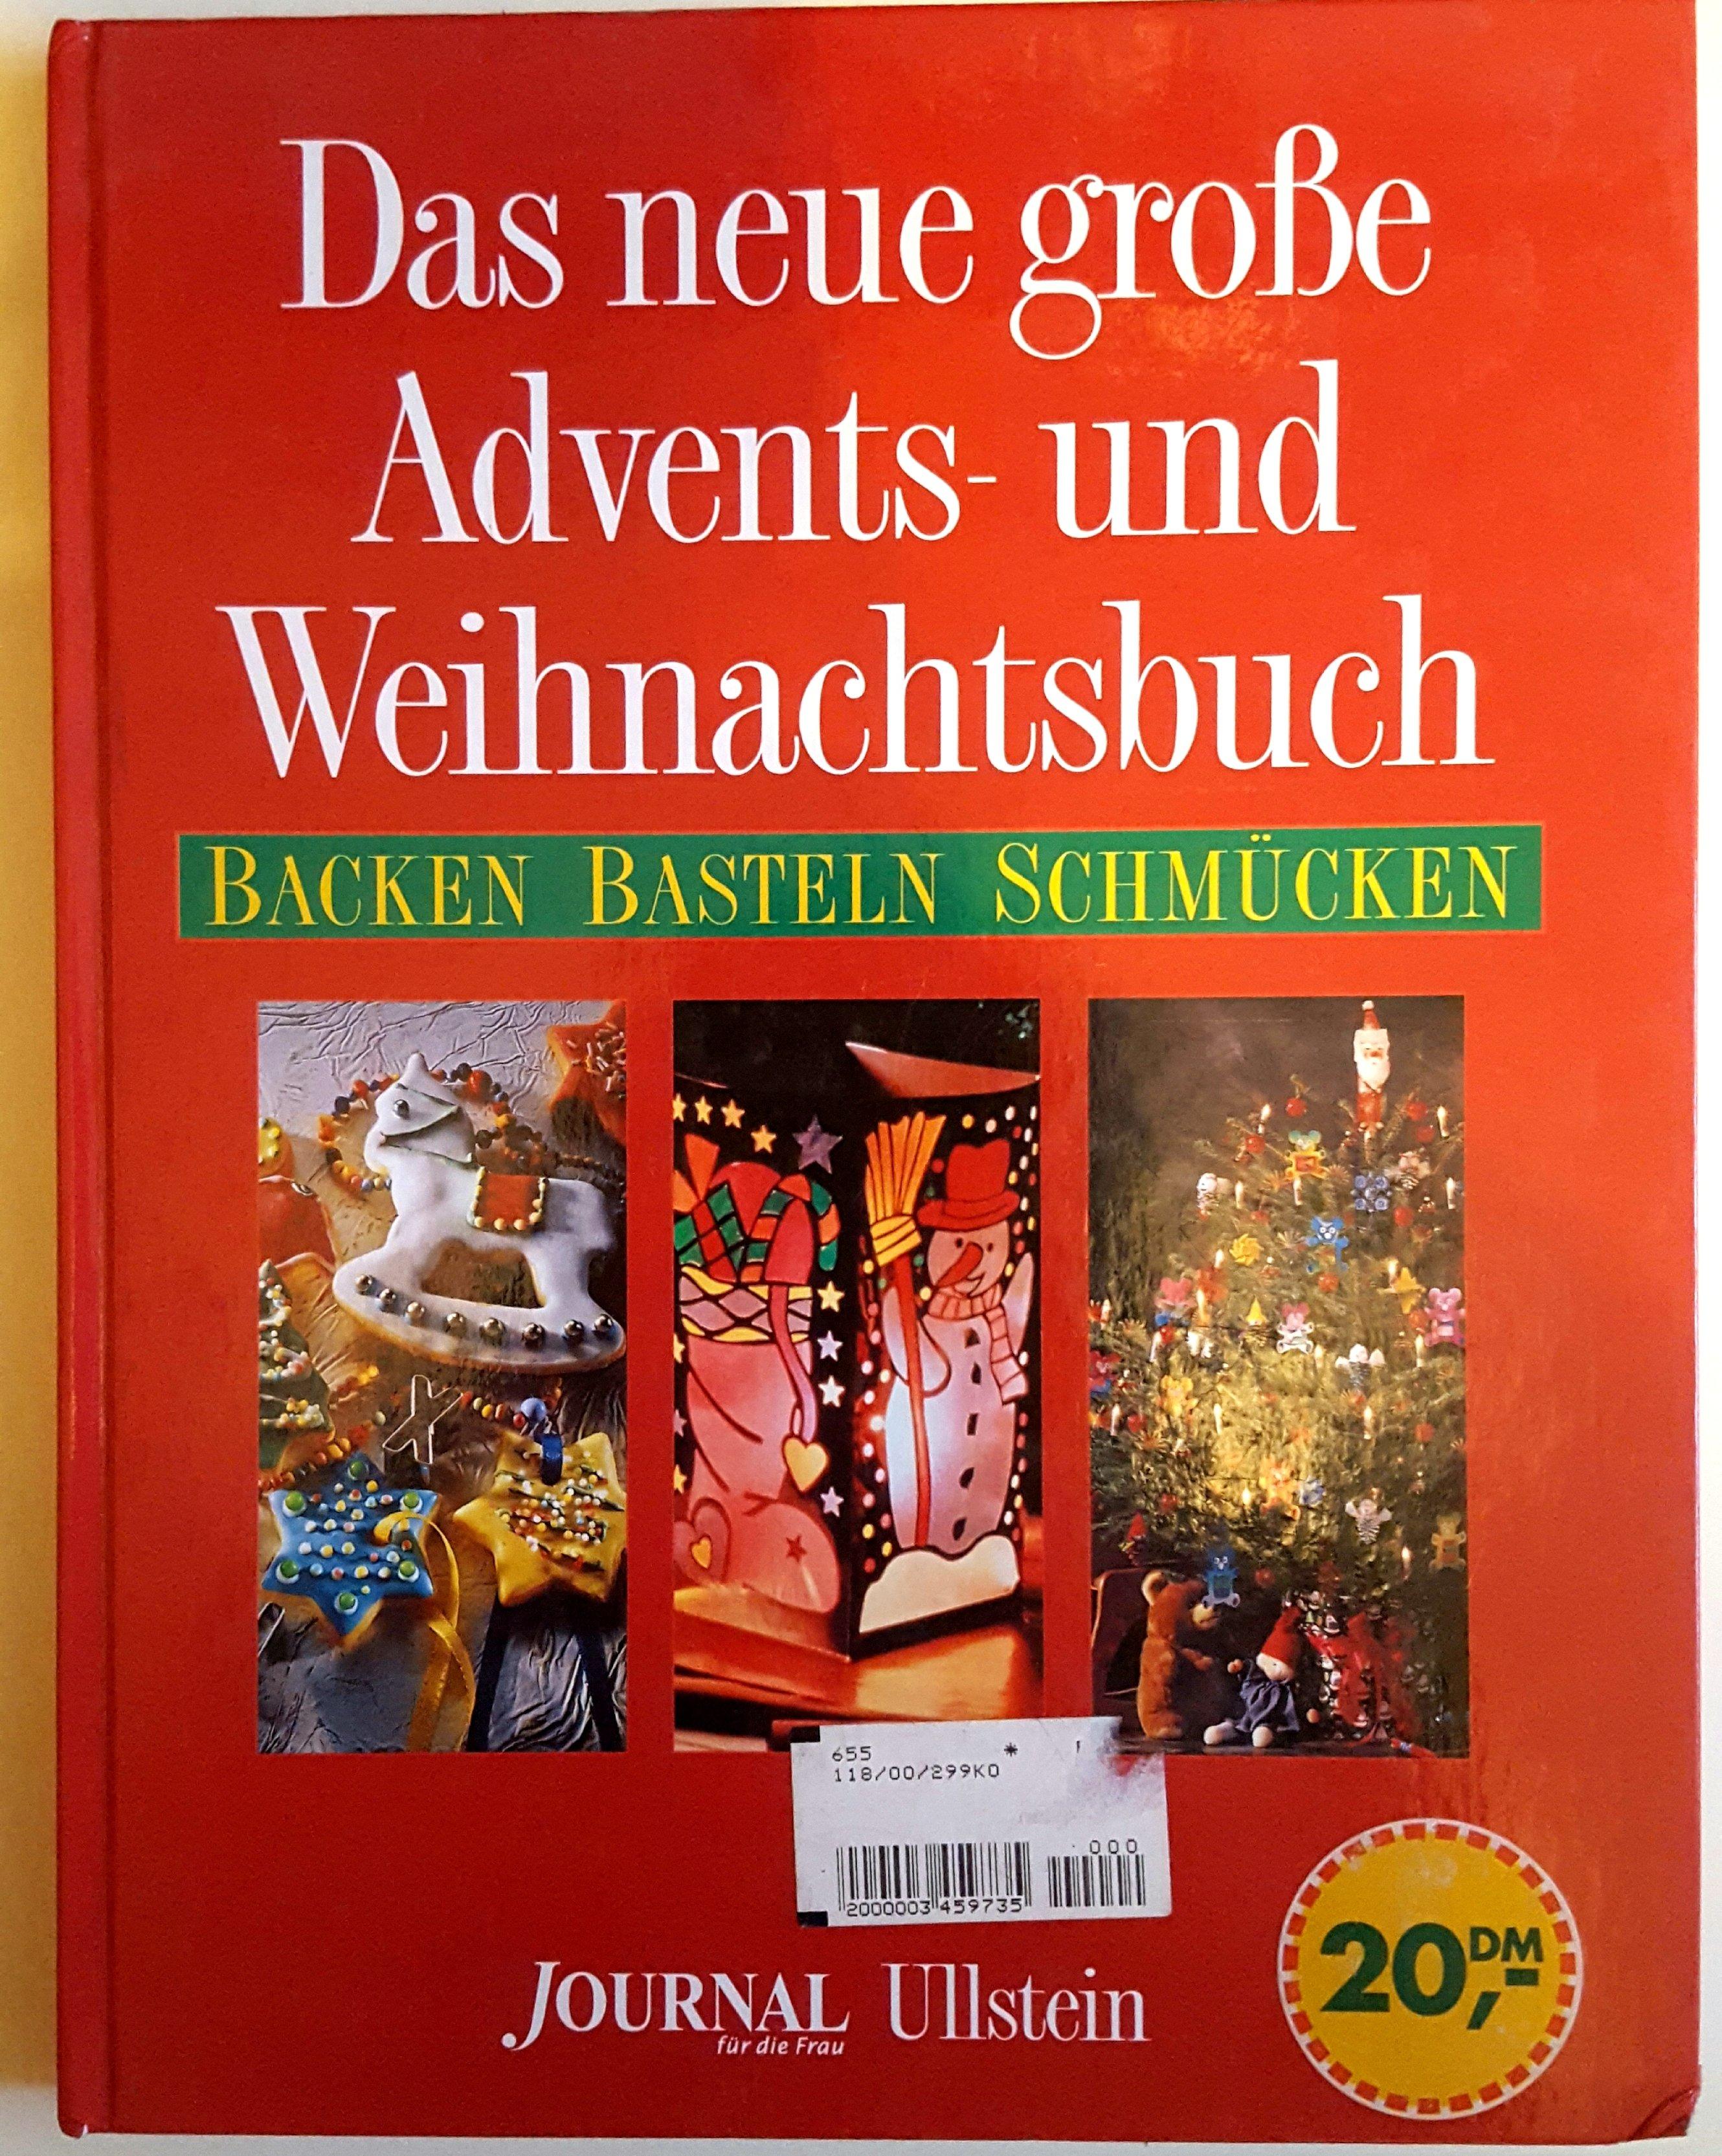 Das neue große Advents-und Weihnachtsbuch - backen, basteln, schmücken  Journal für die Frau - mit zahlreichen Farbbildern 1997 – Buch gebraucht kaufen 211